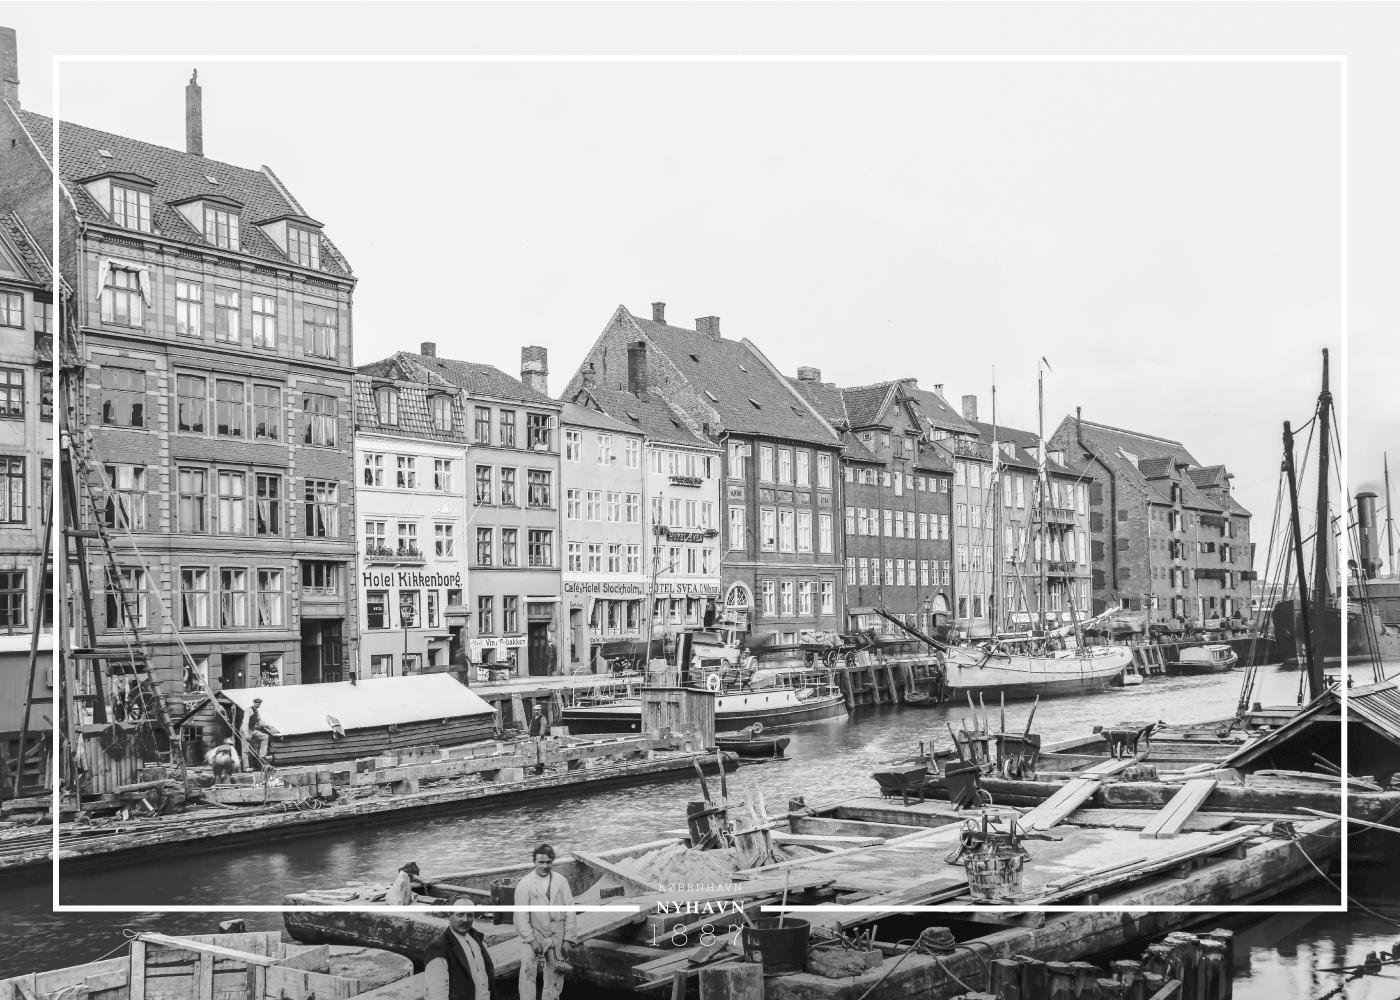 Billede af Nyhavn - Gamle billeder af København plakat